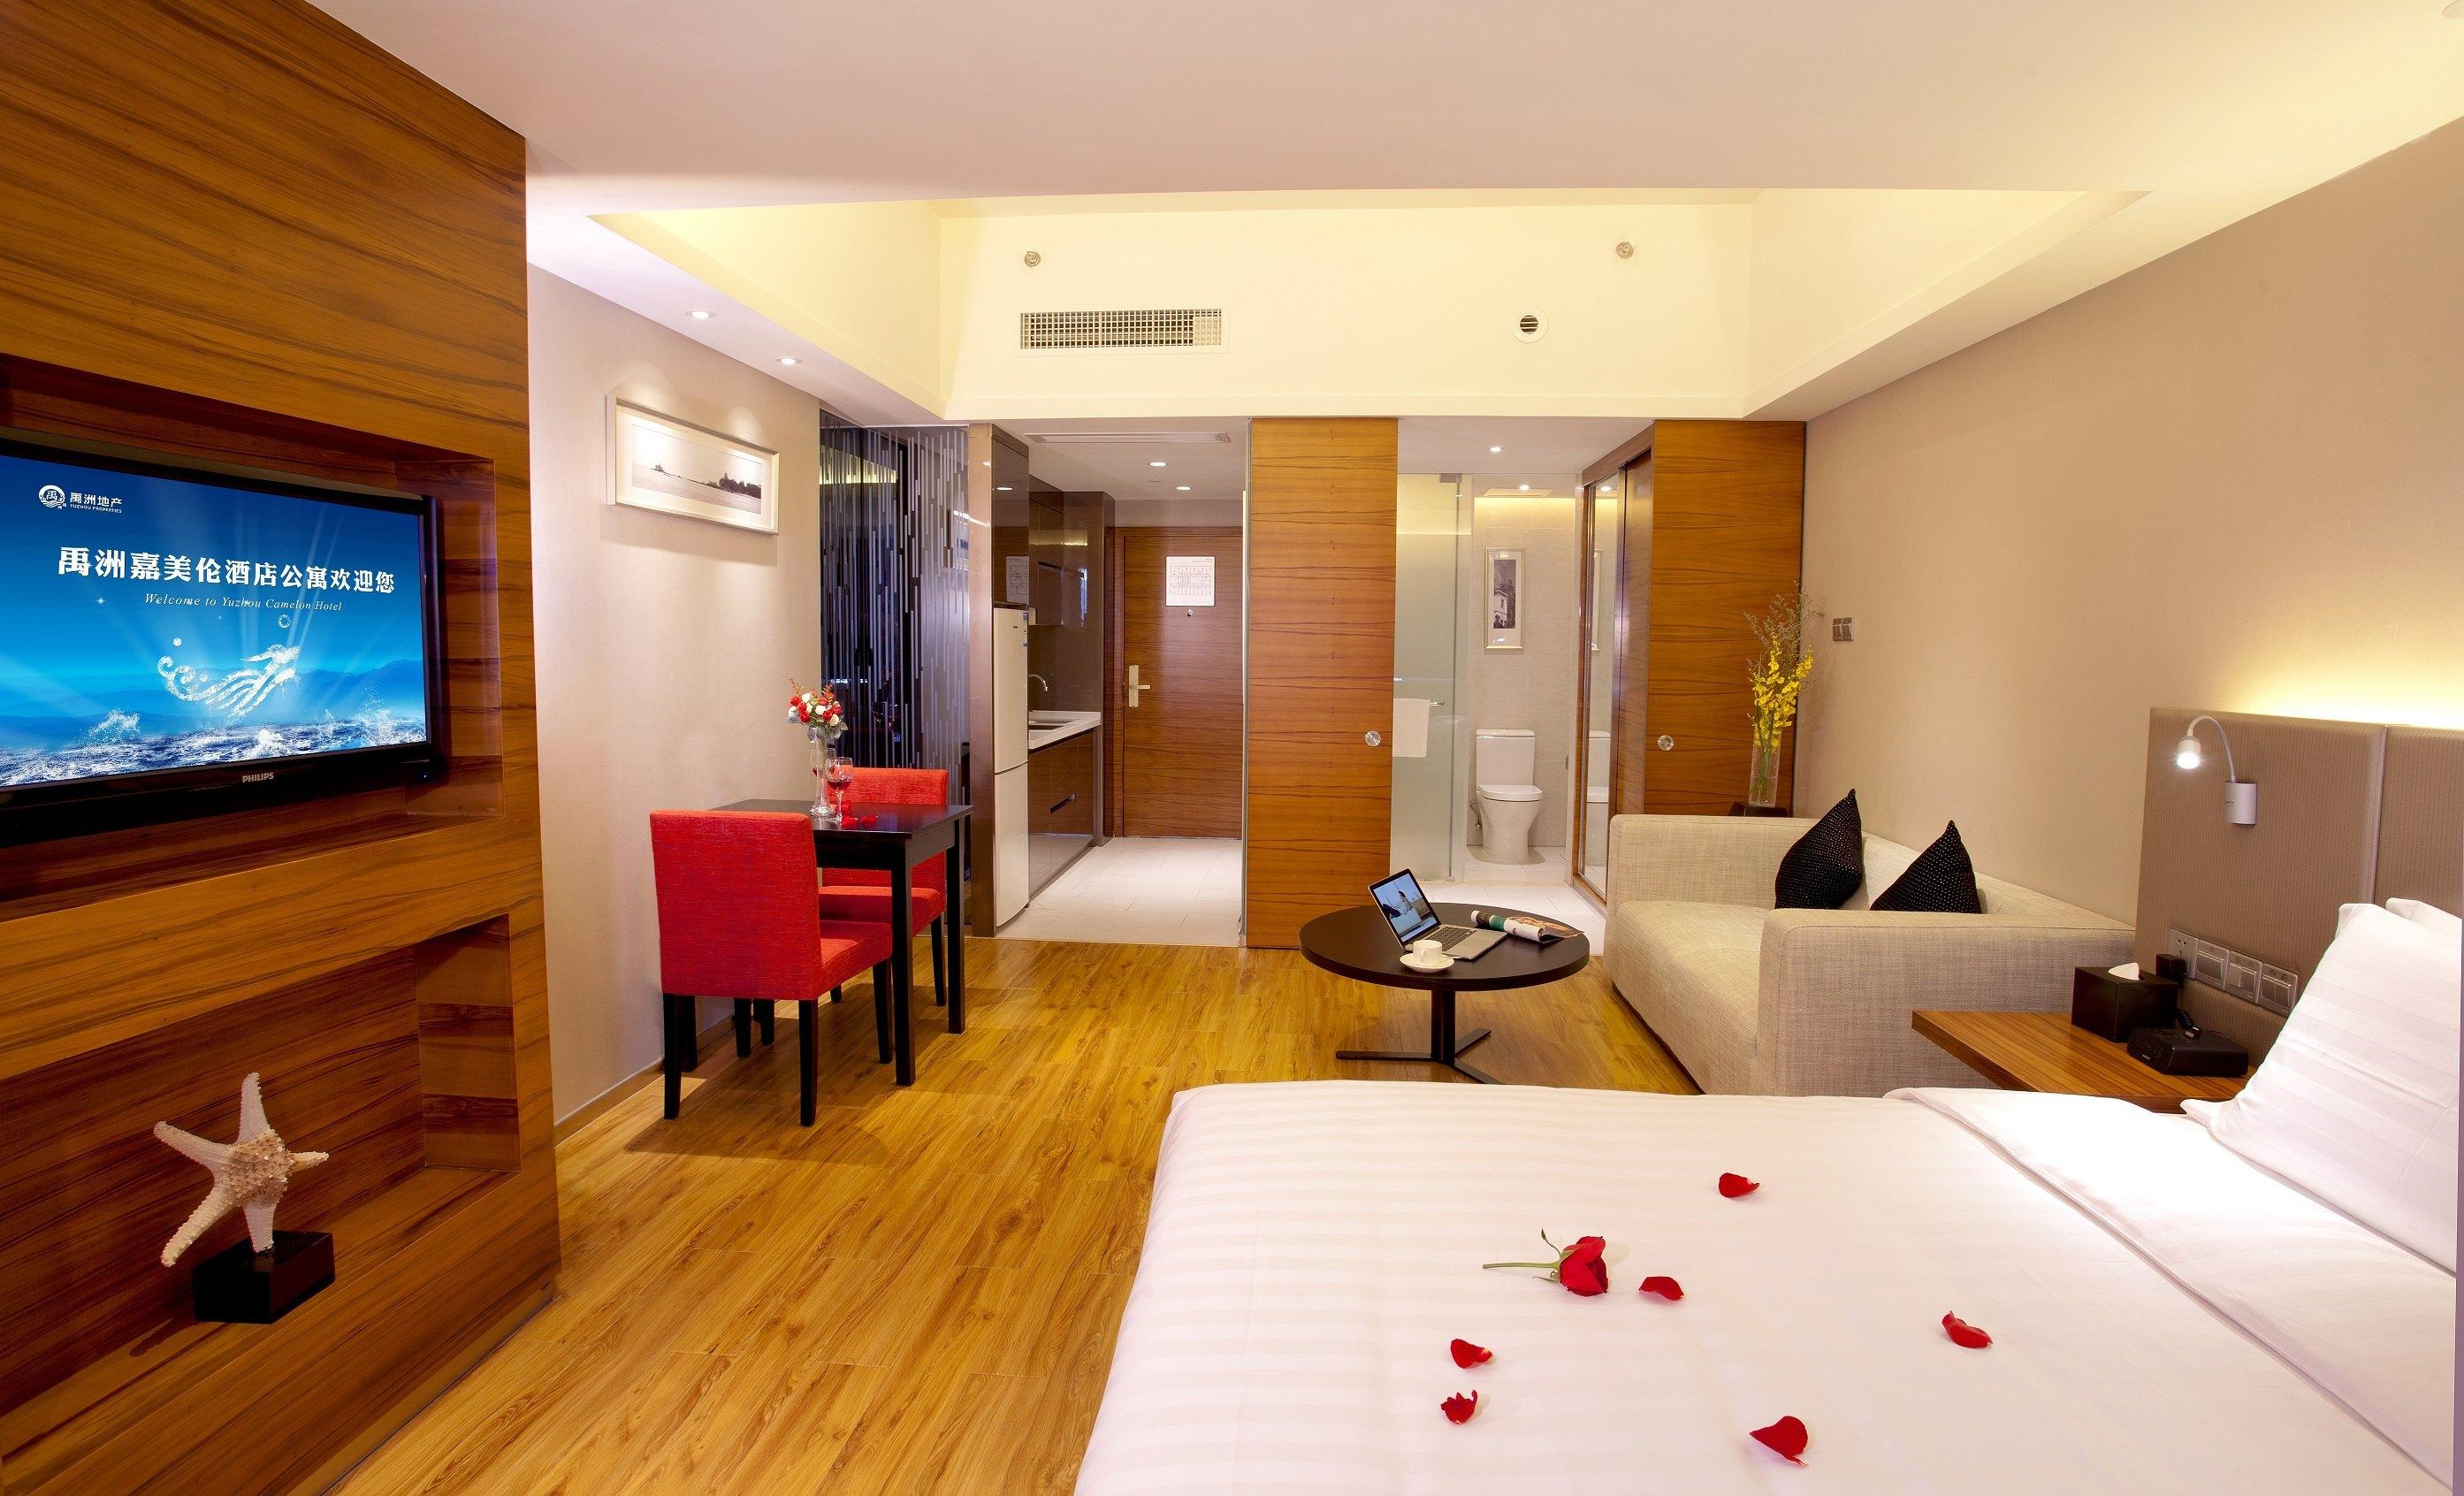 酒店式公寓为什么便宜 酒店式公寓保险